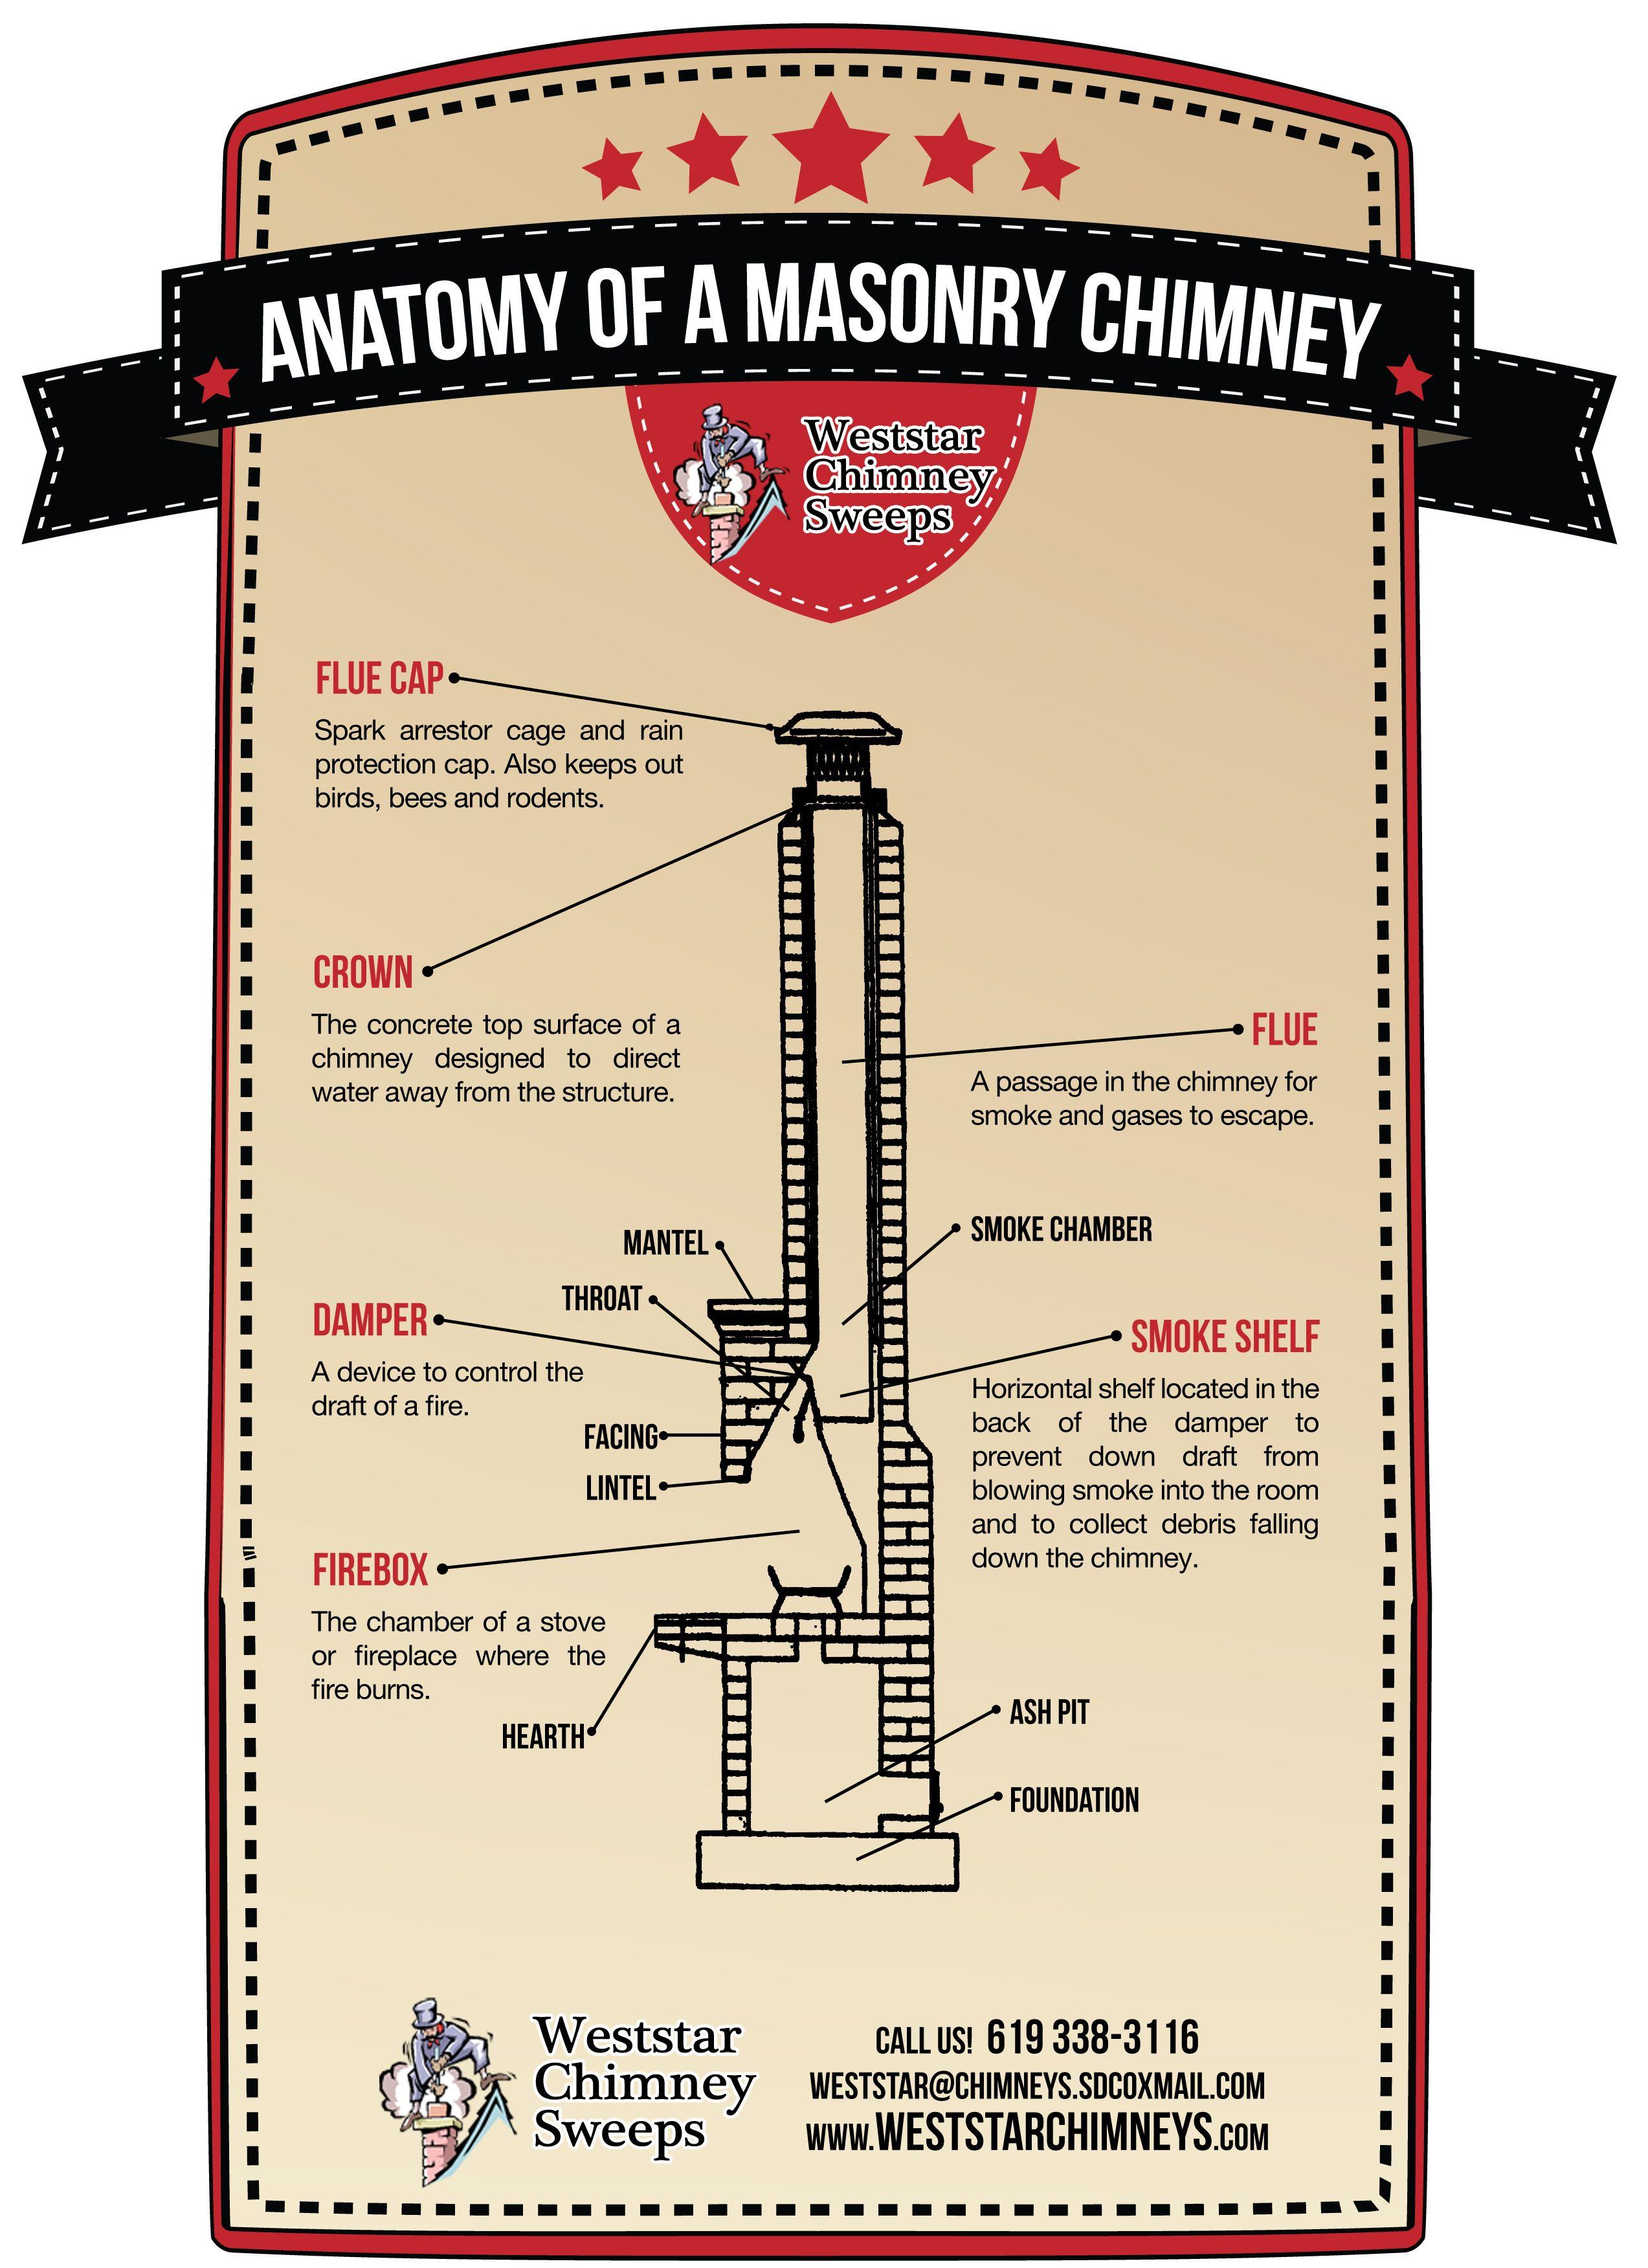 Anatomy of a Masonry Chimney | CHIMNEY LINING | Pinterest